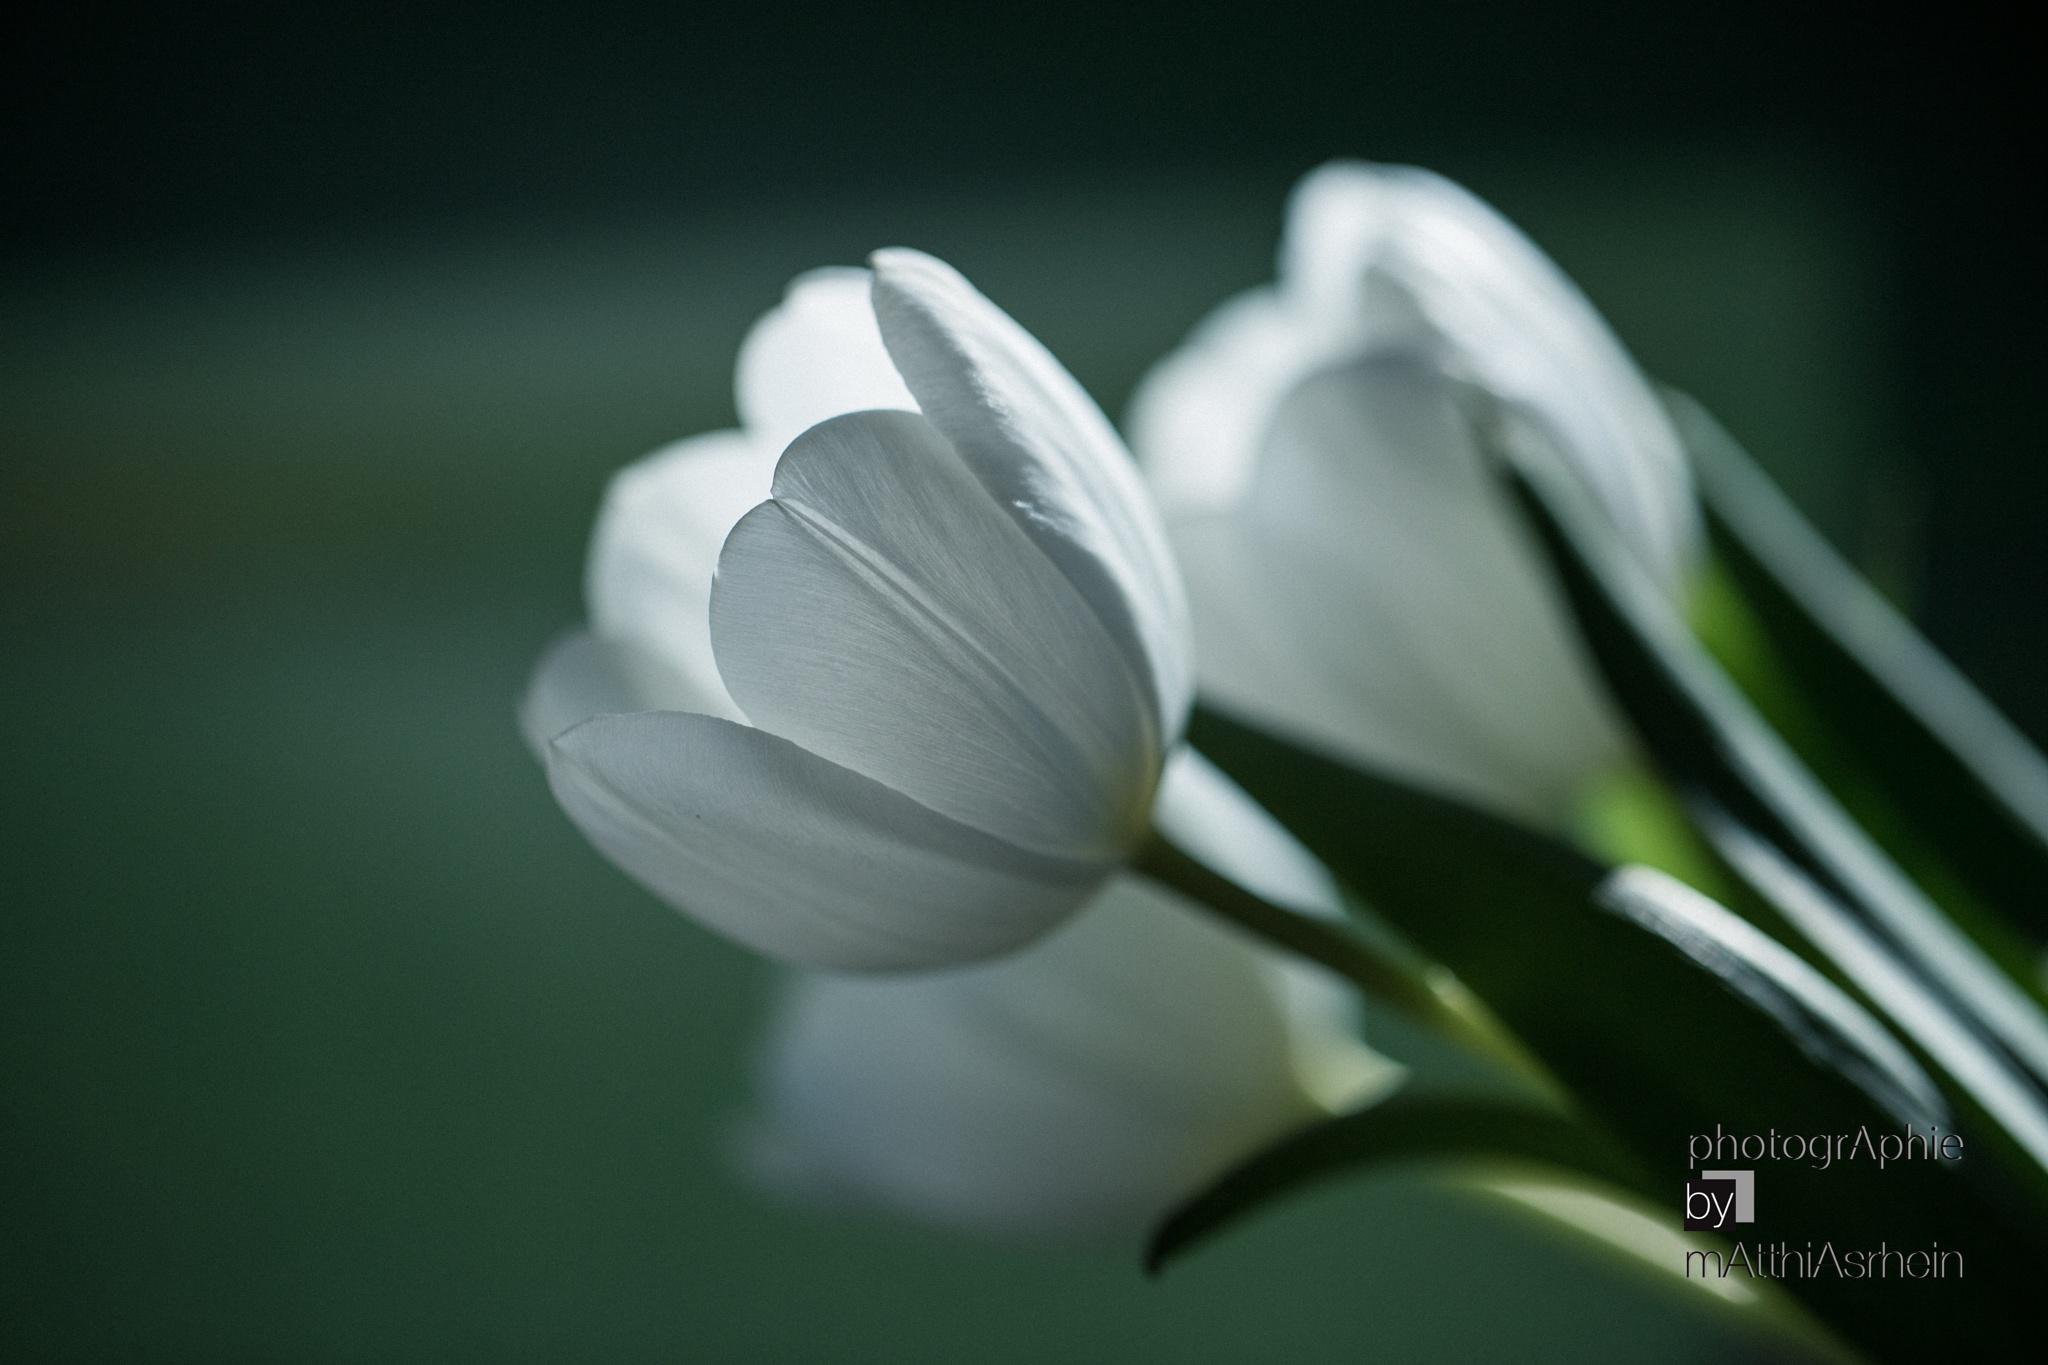 Tulips 2 by MatthiasRhein